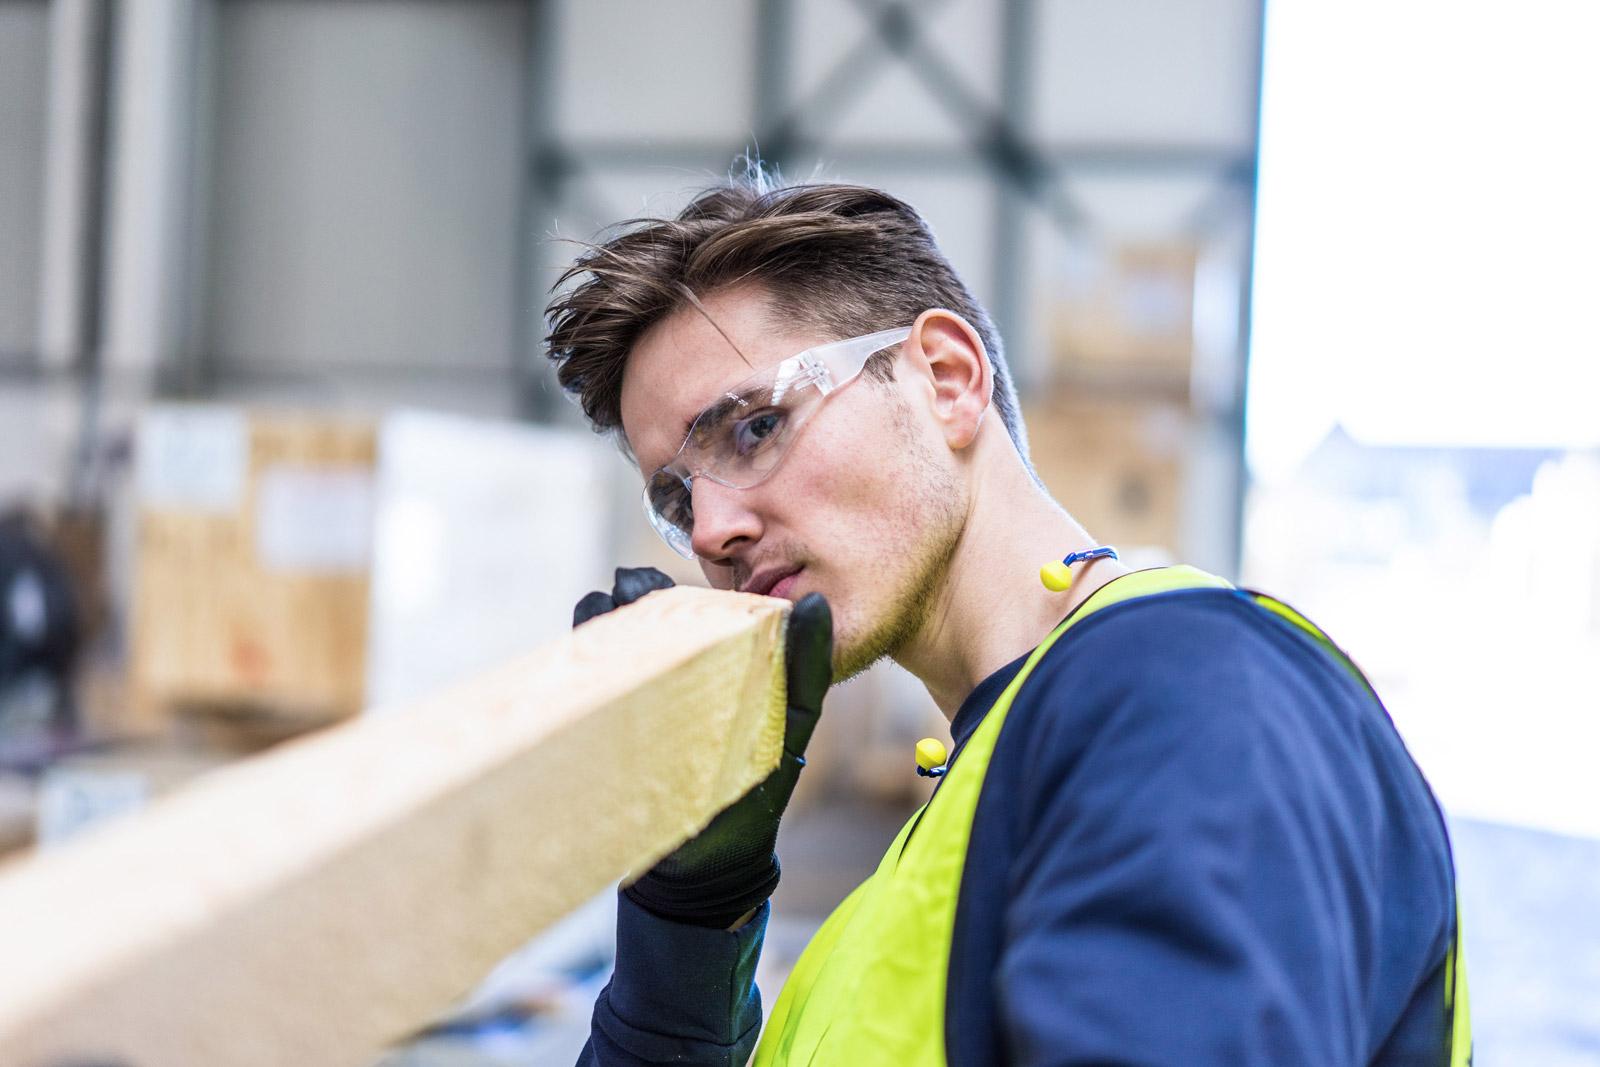 Ausbildung zum Holzmechaniker bei duisport